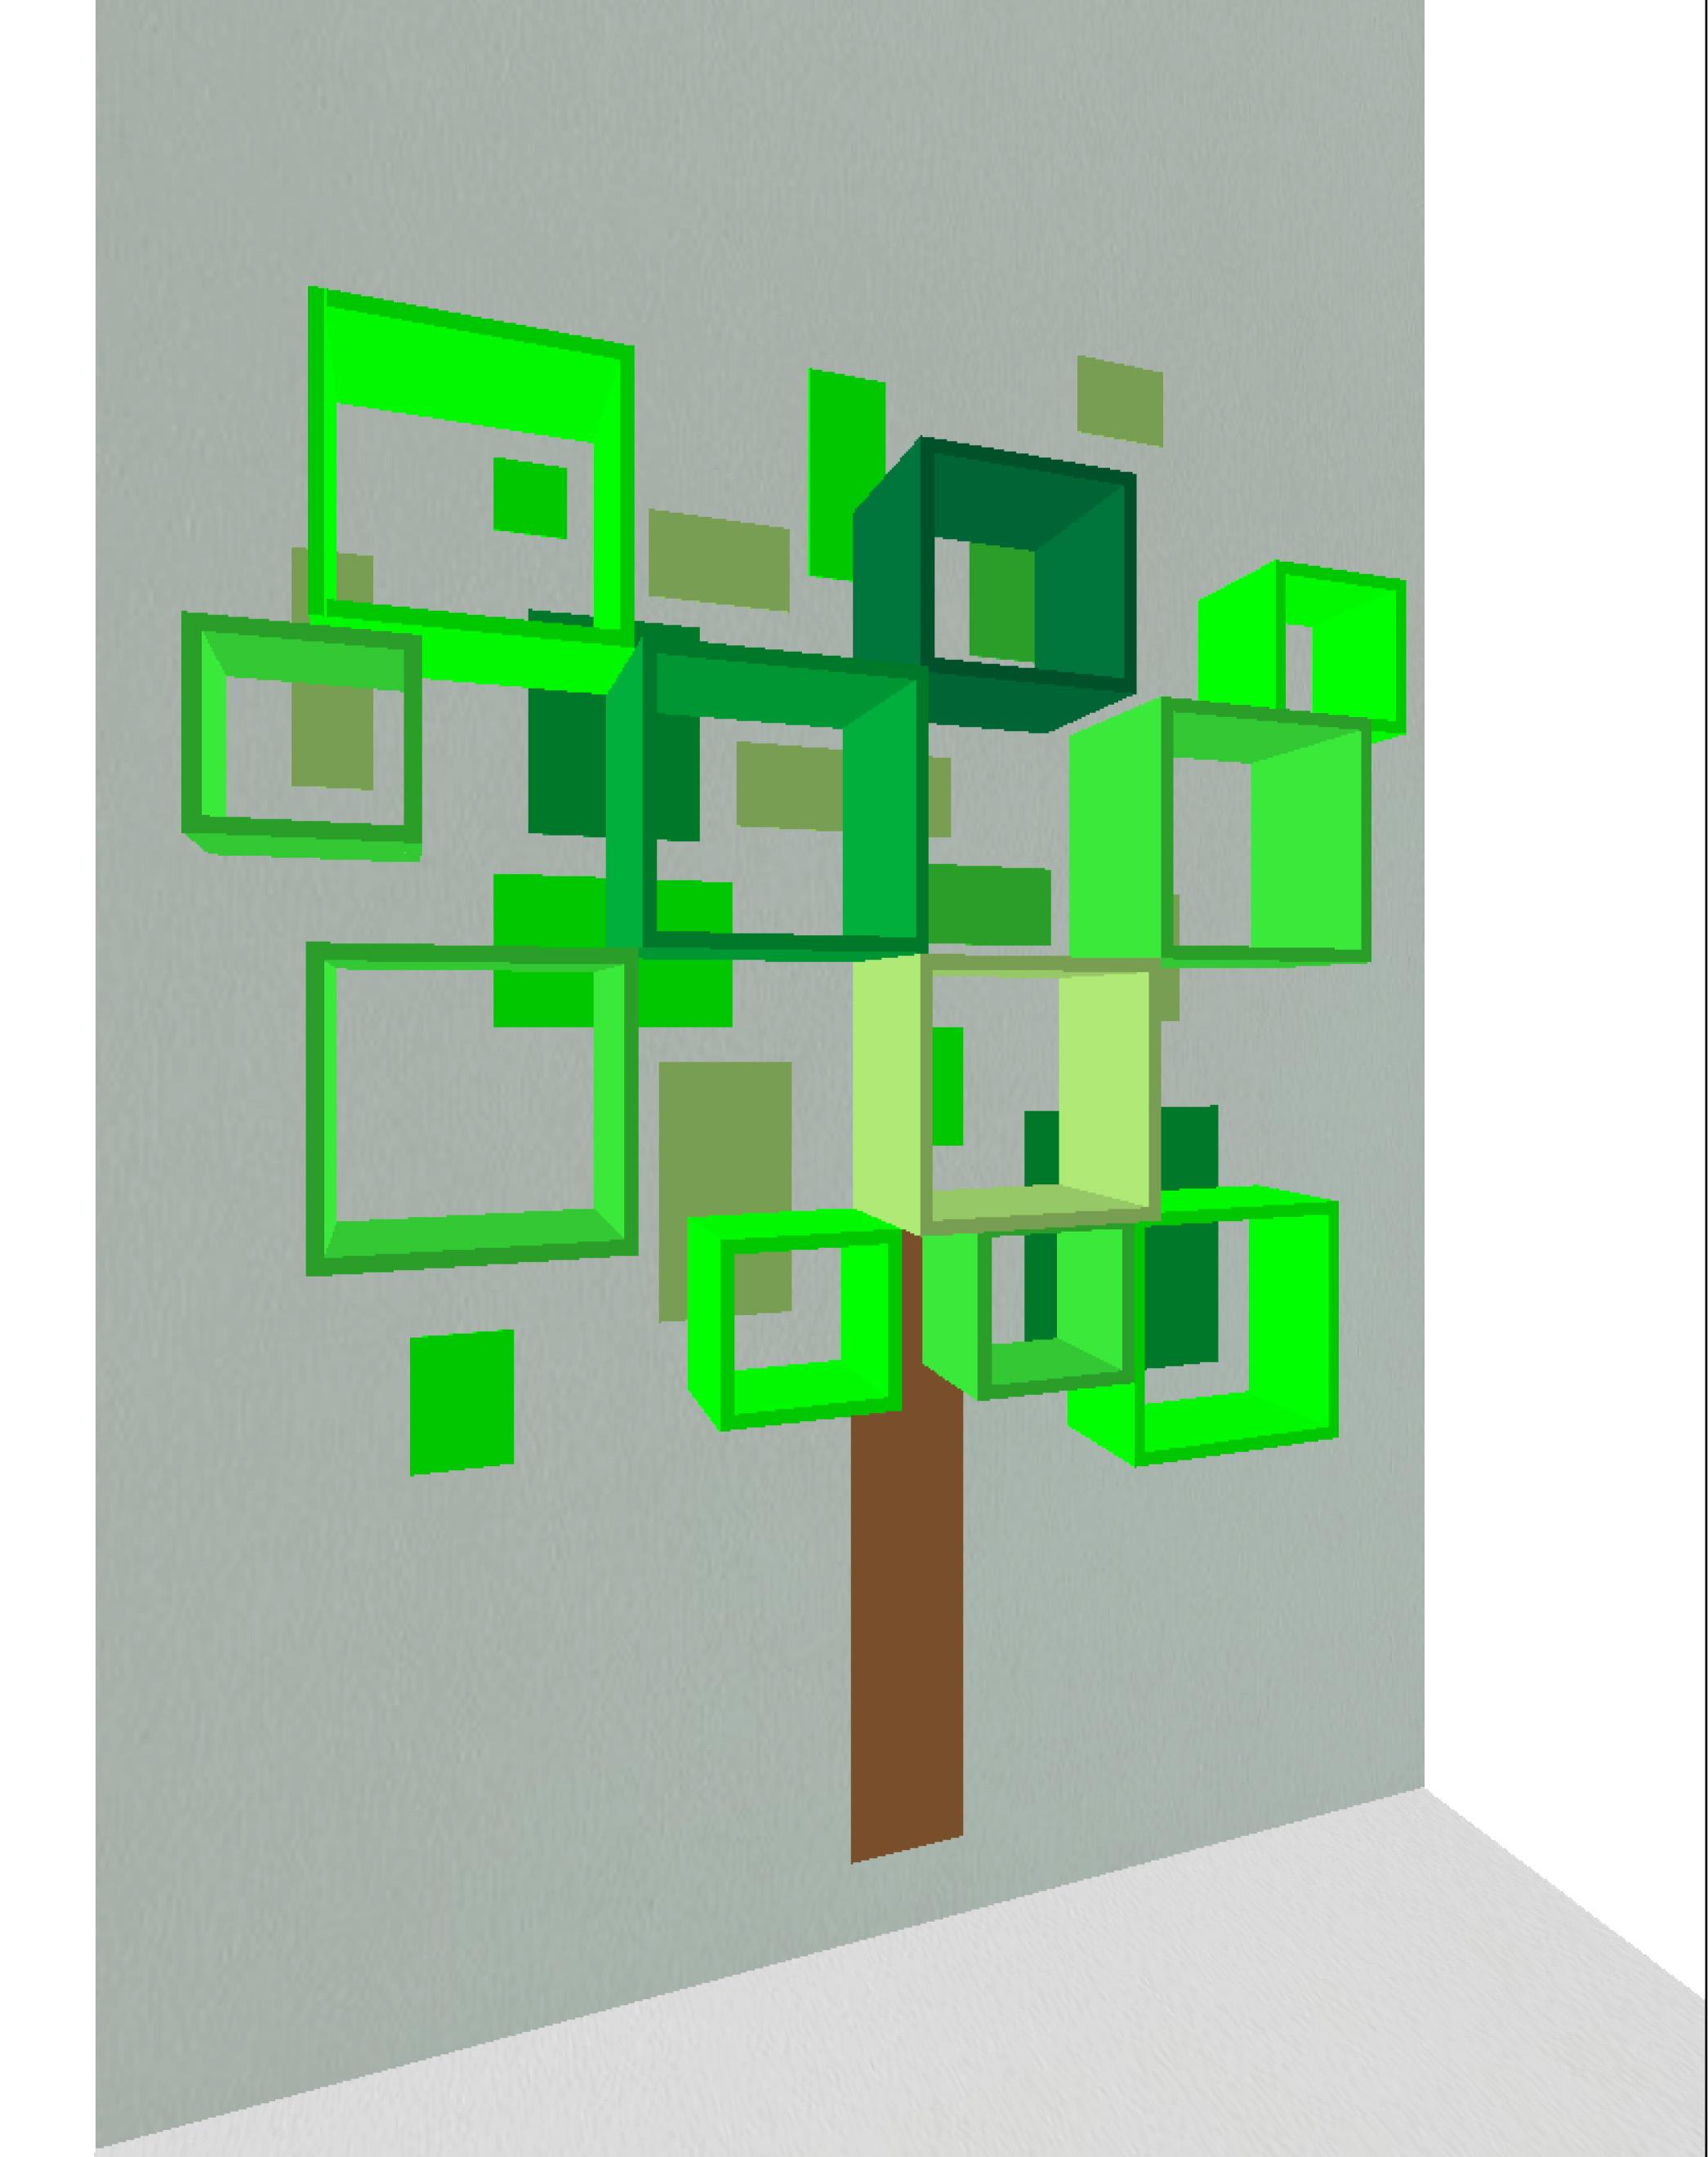 полки - дерево-3.jpg